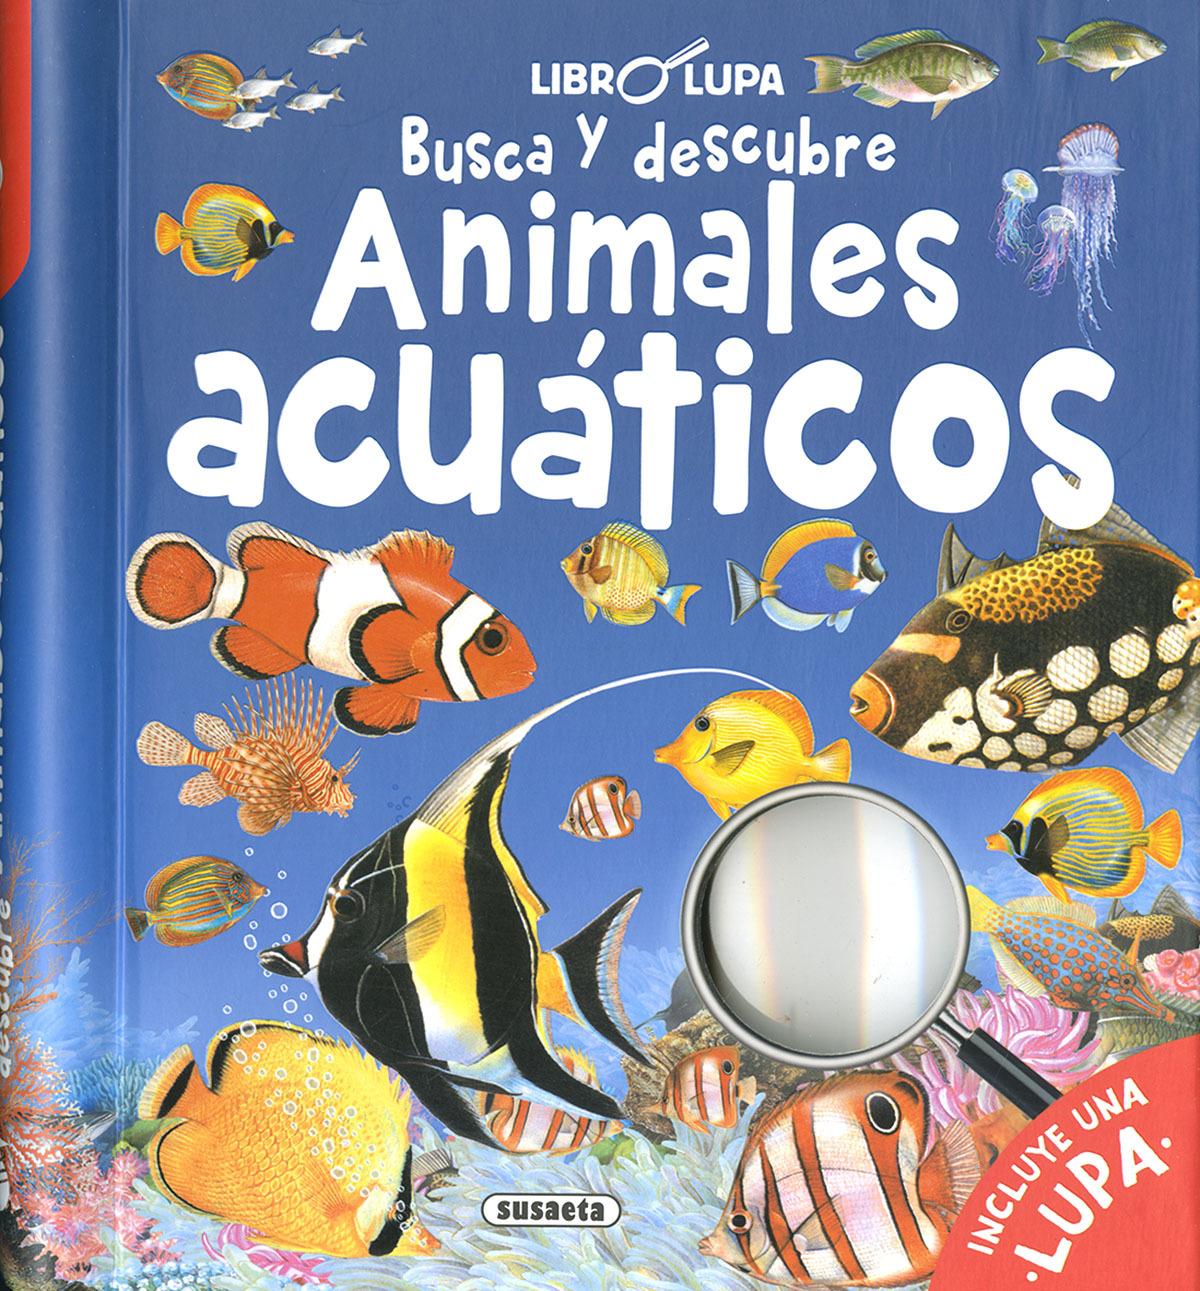 Busca y descubre animales acuáticos 9788467772531